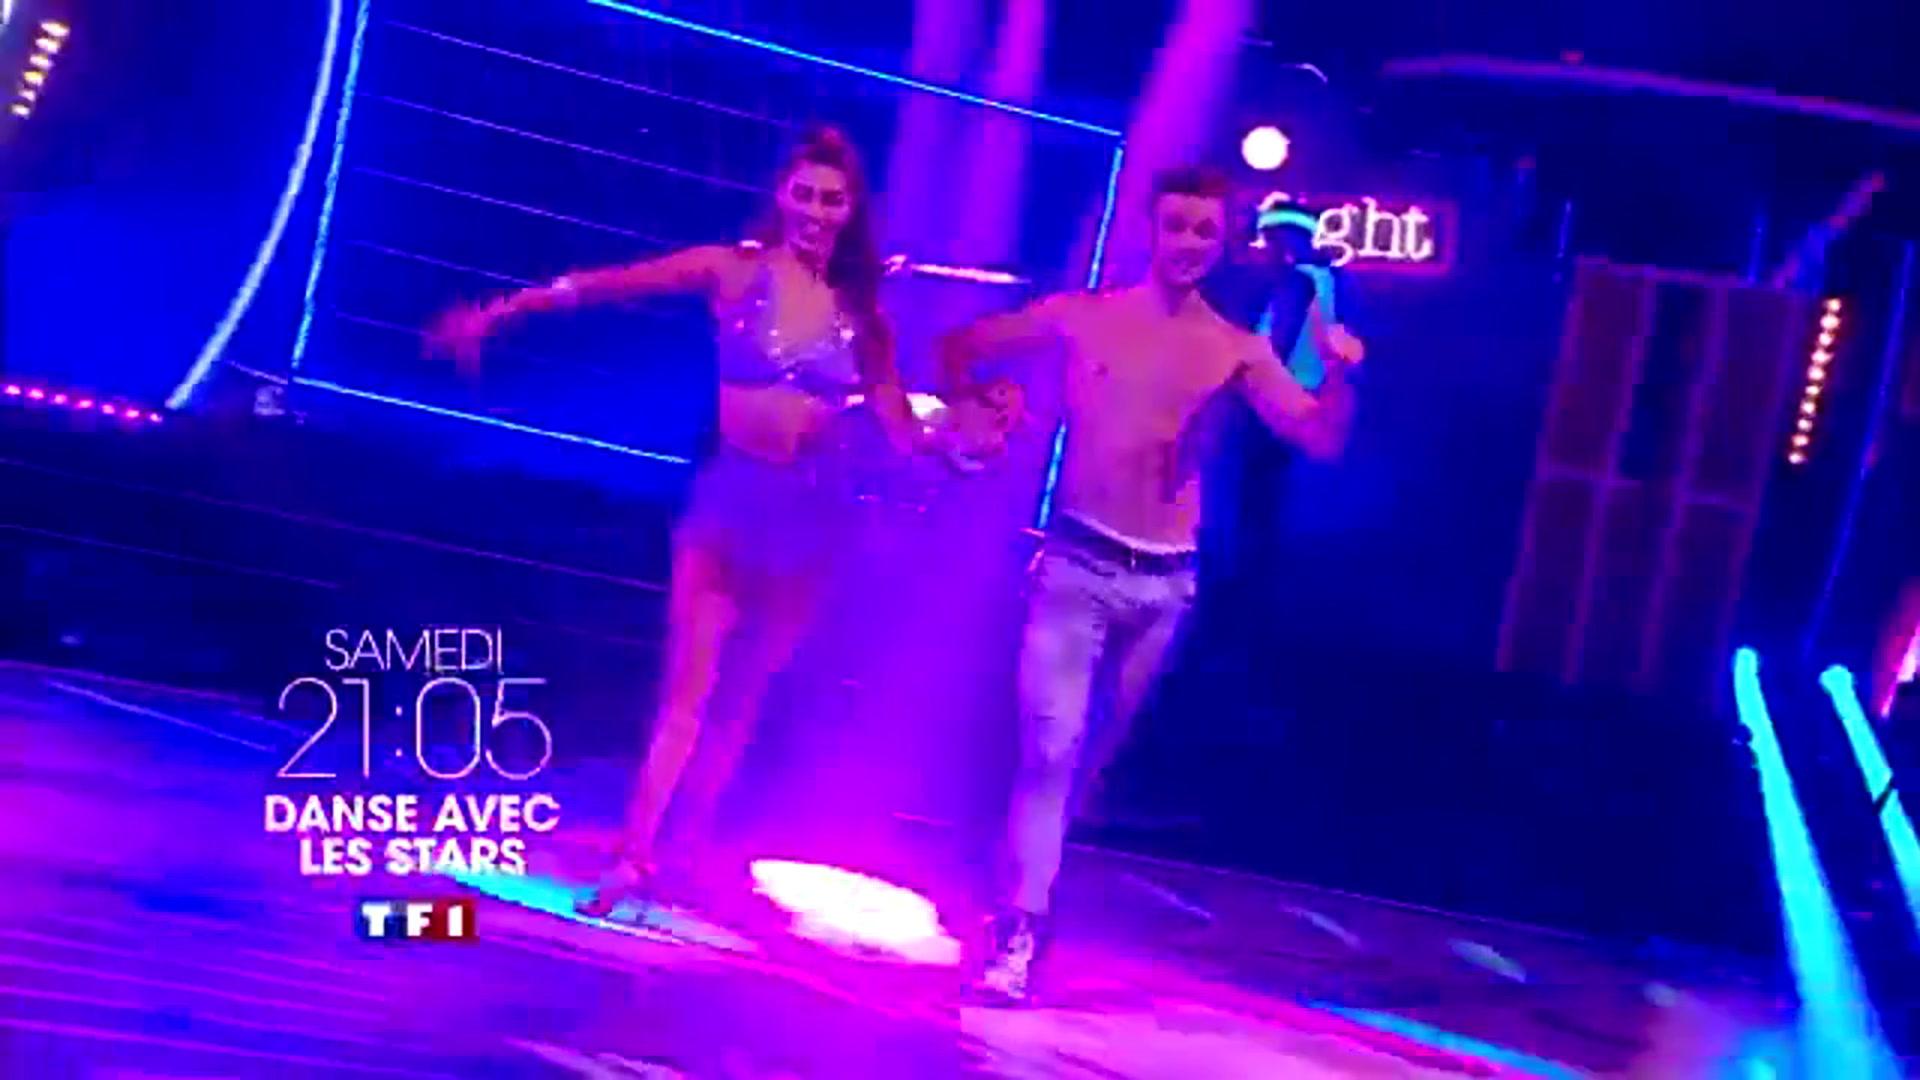 Danse avec les stars : Episode 4